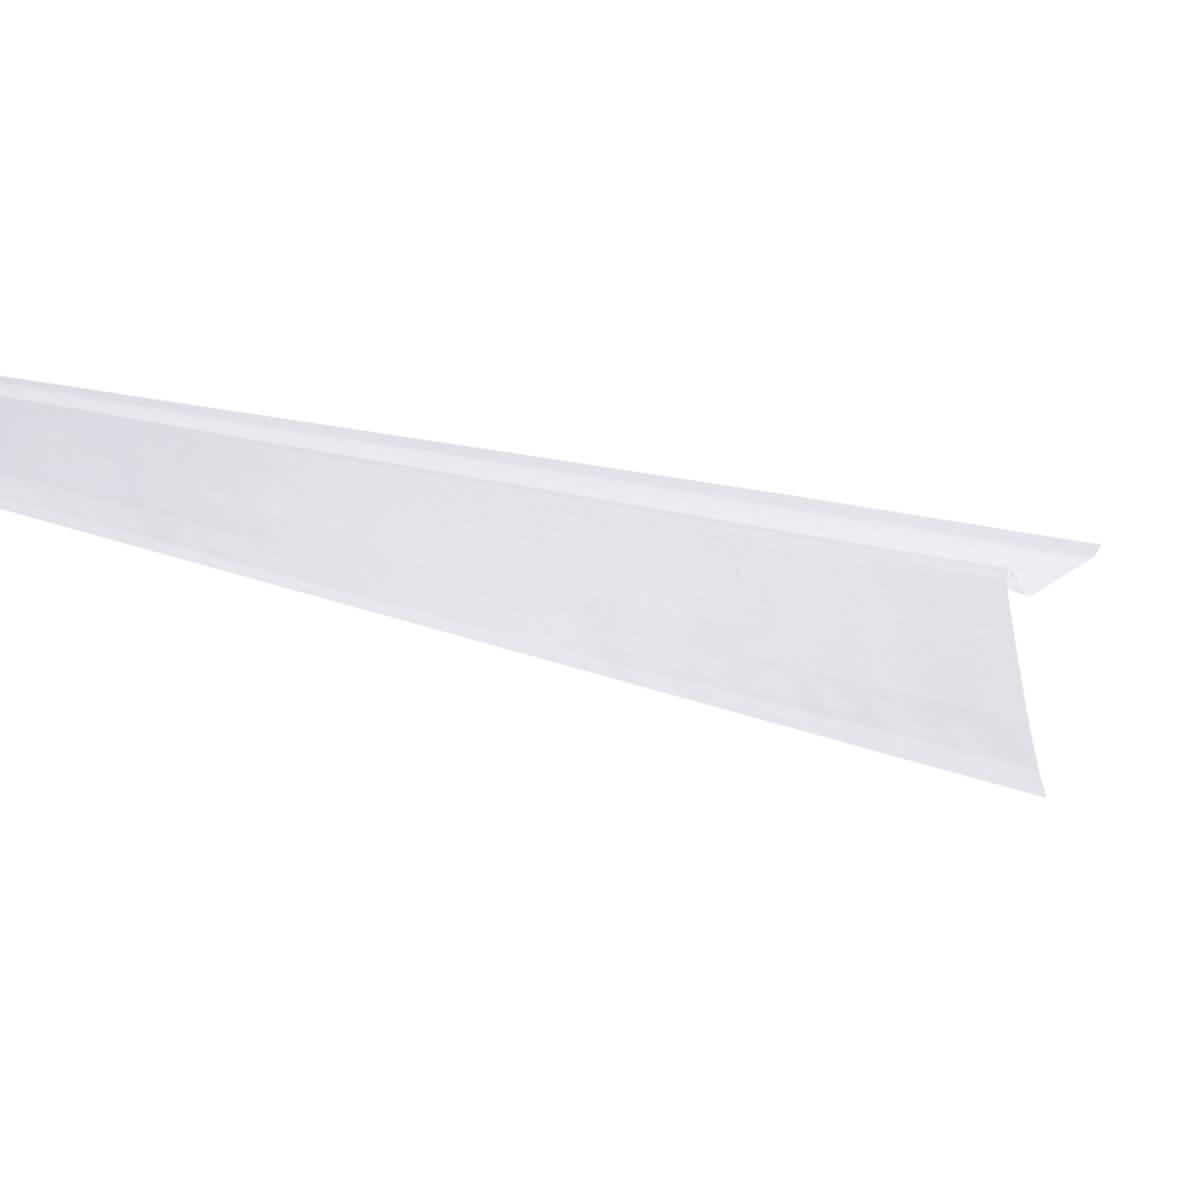 Aluminum Roof Edge - White